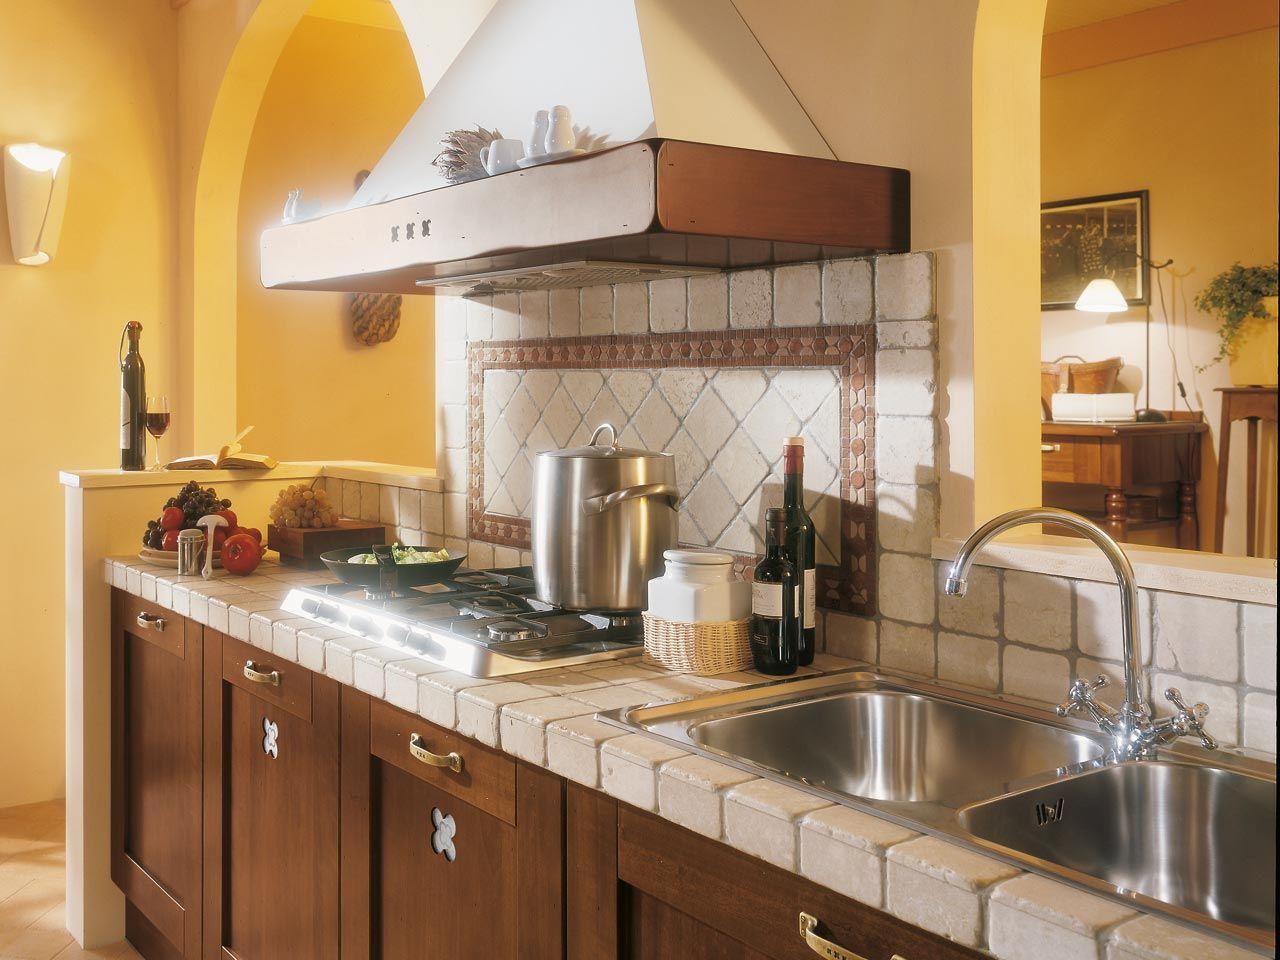 Erica cucina lube classica erica cucine lube classiche pinterest cocina madera - Cucina lube classica ...